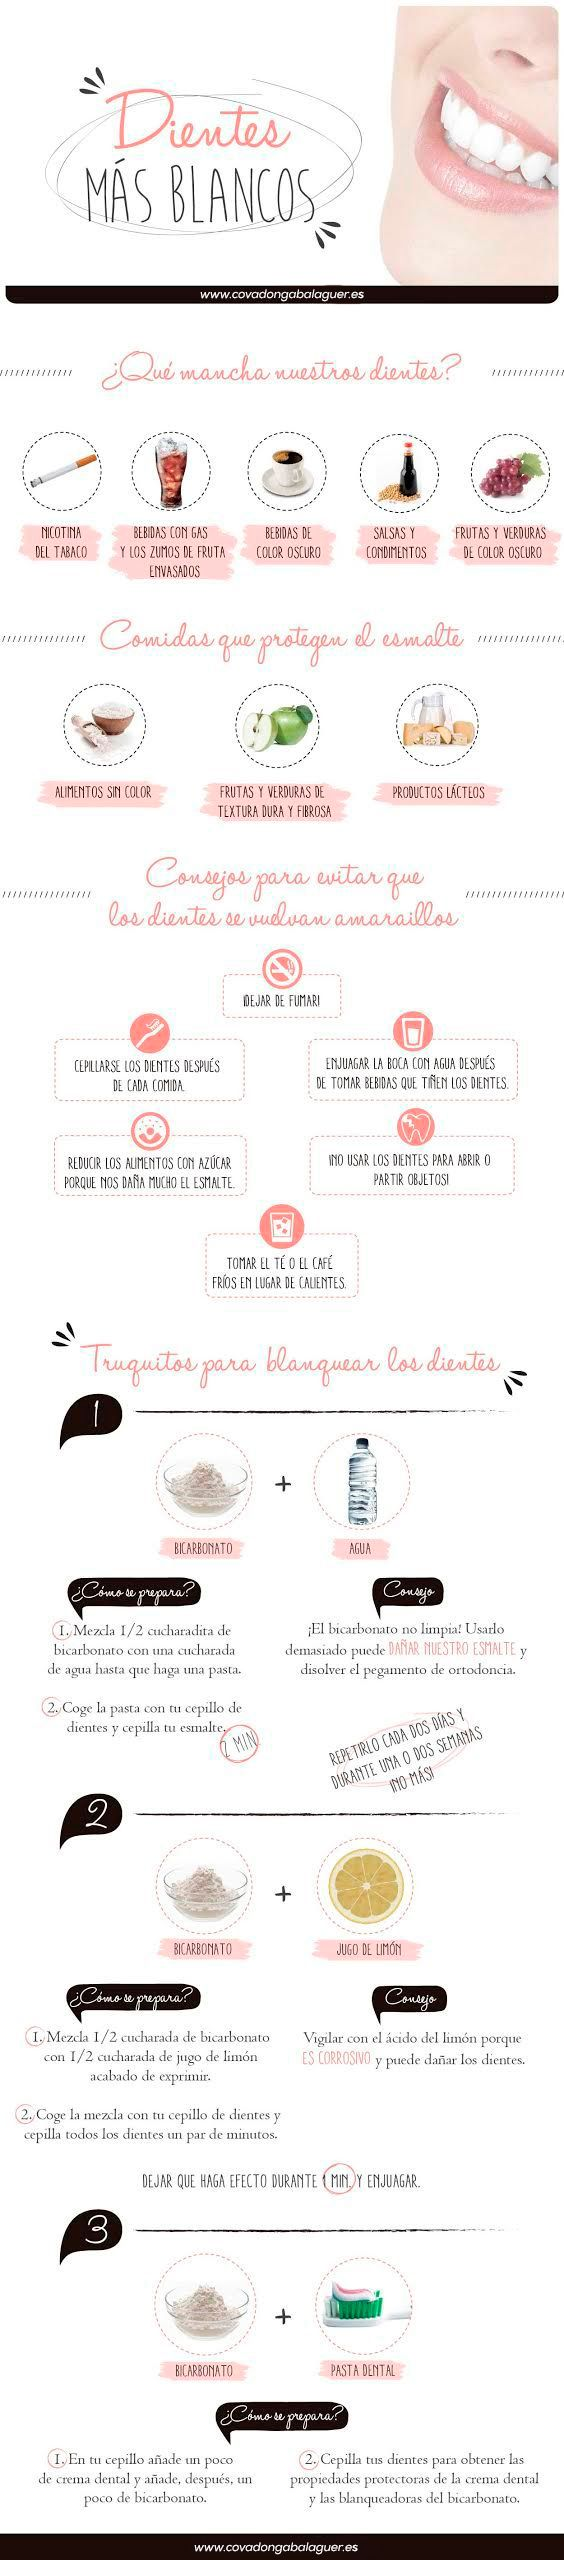 #HigieneDental #DentalCare #OralCare #SaludBucal #BocaSana